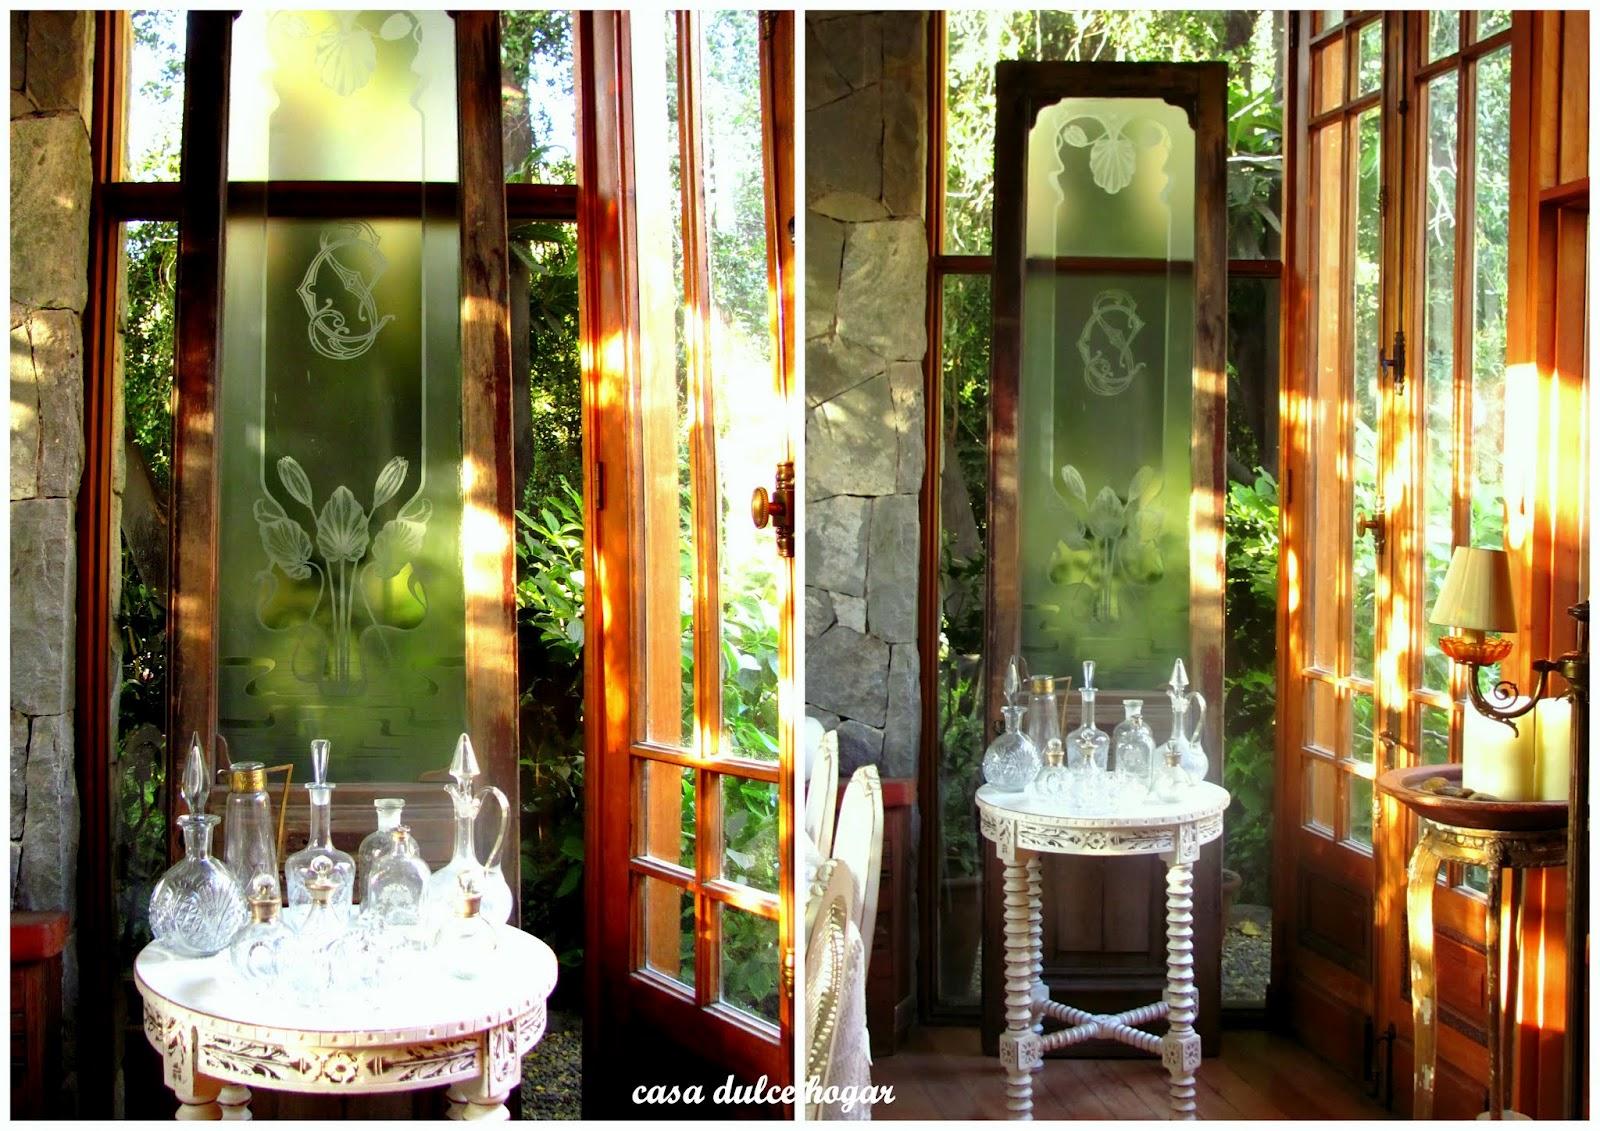 Casa dulce hogar puerta antigua con cristal tallado al cido for Puerta blindada antigua casa gutierrez